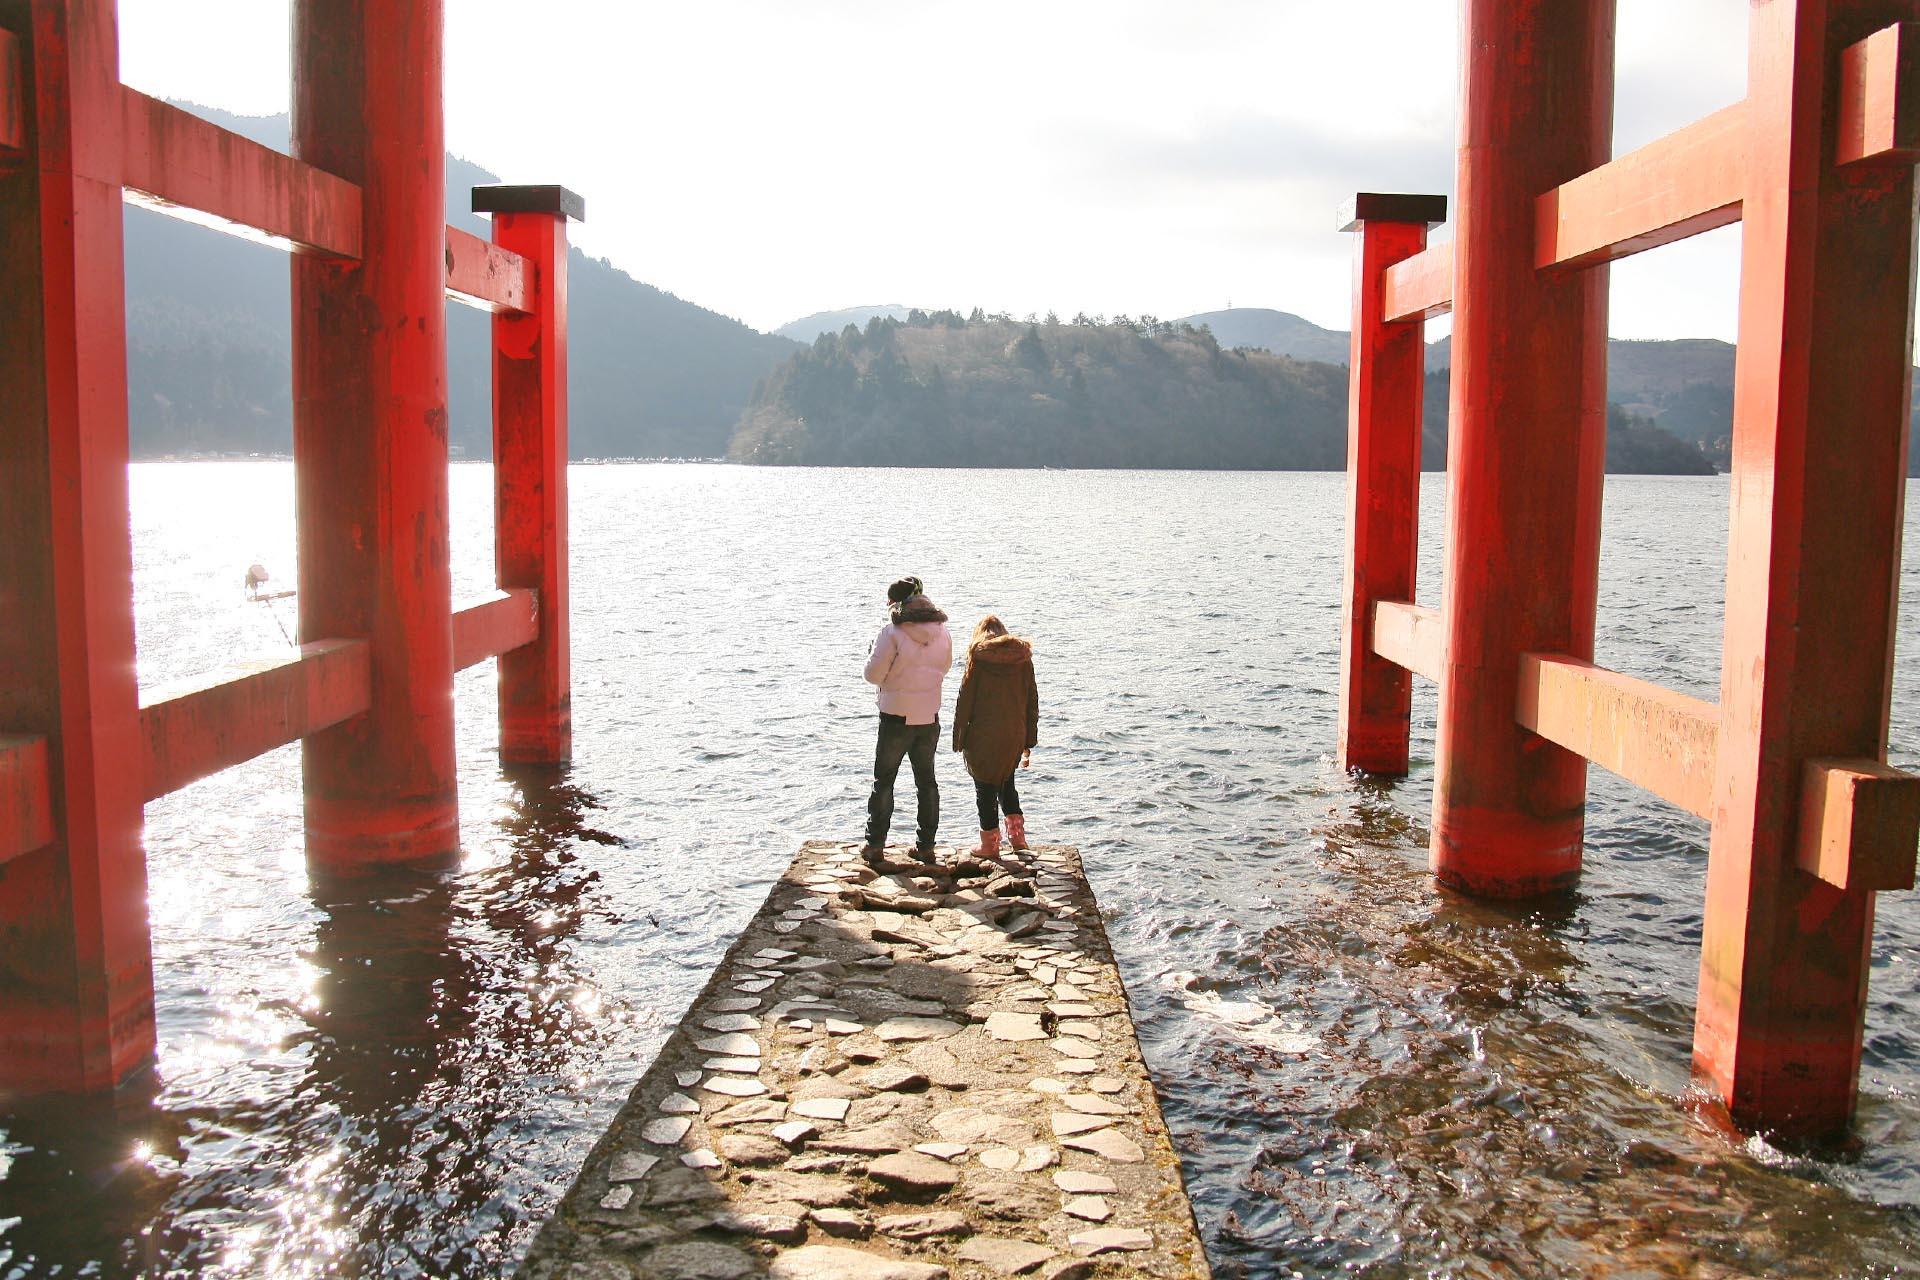 箱根神社 平和の鳥居と芦ノ湖 神奈川の風景